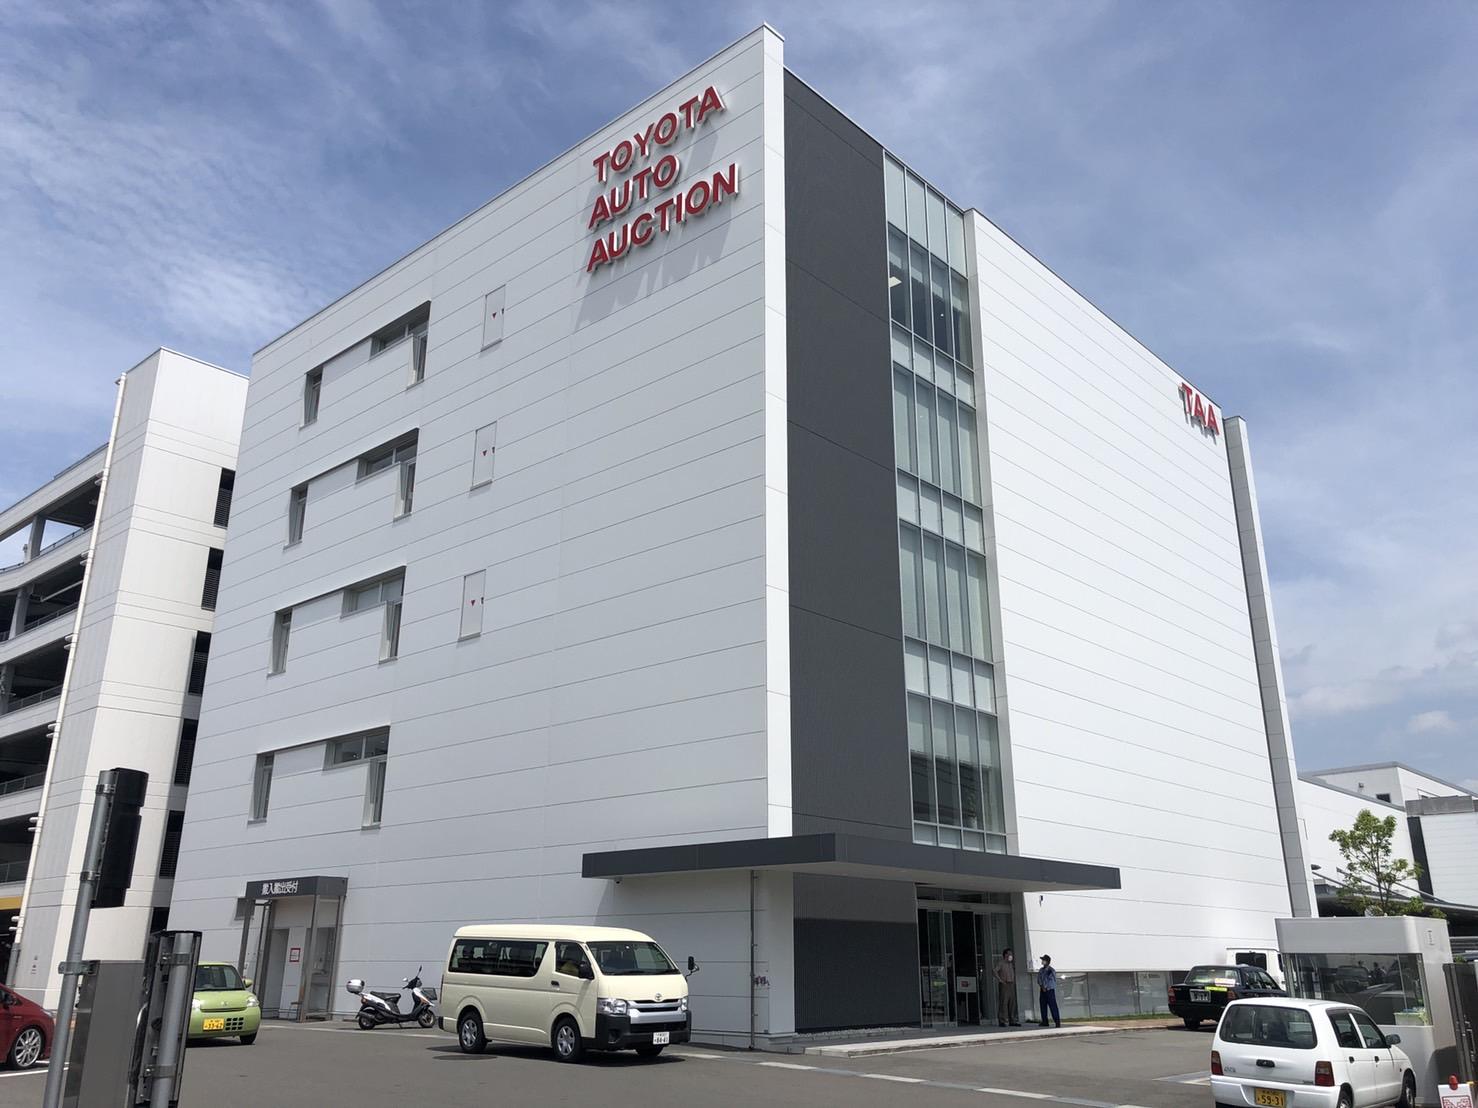 http://www.neotrans.jp/newsblog/IMG_6011.JPG